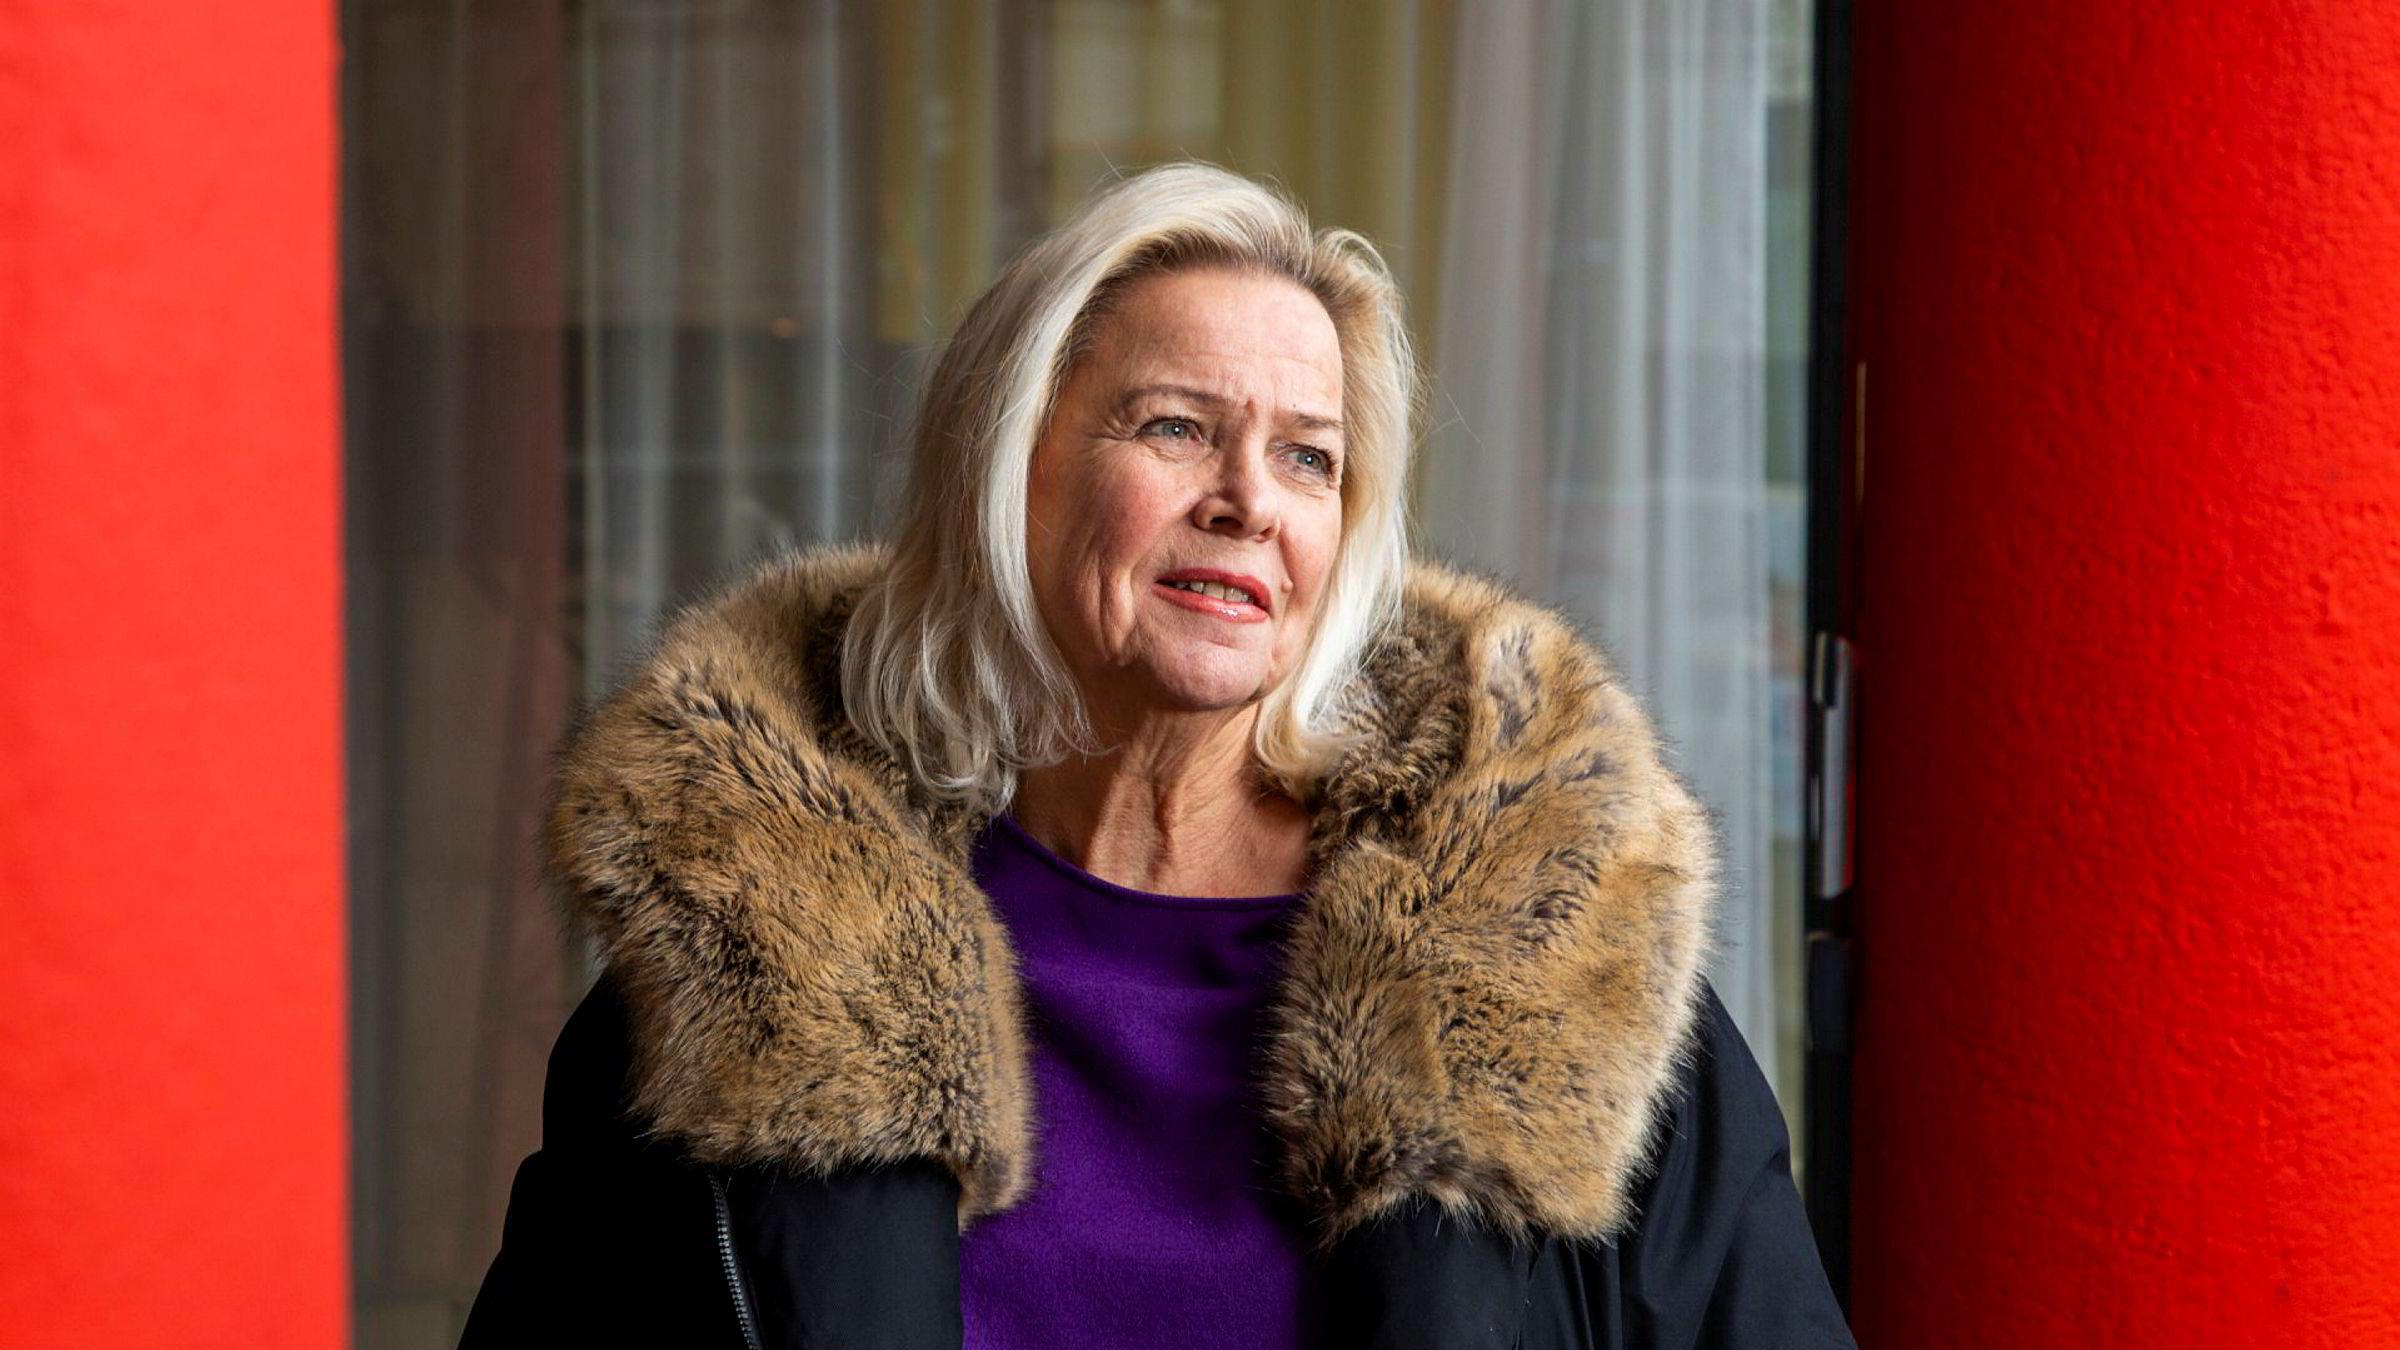 Jeg håper at Bahr i sin egen virkelighetsoppfatning ikke har glemt at advokat Eriksen ble bøtelagt, skriver Kari Breirem i innlegget.